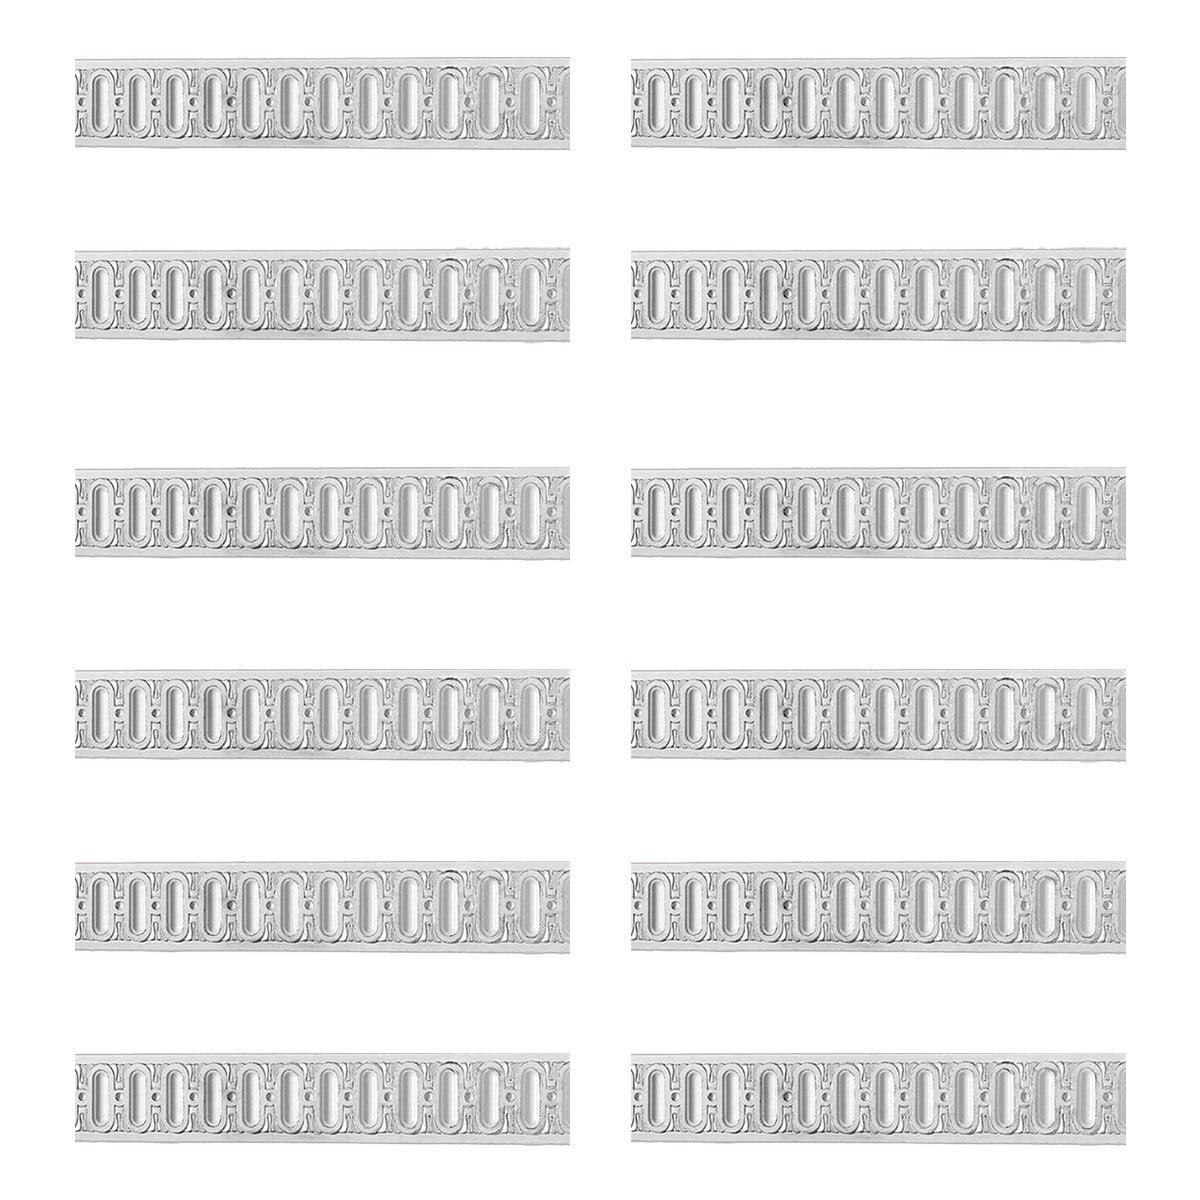 Chair Rail White Urethane Railing Design 12 Pieces